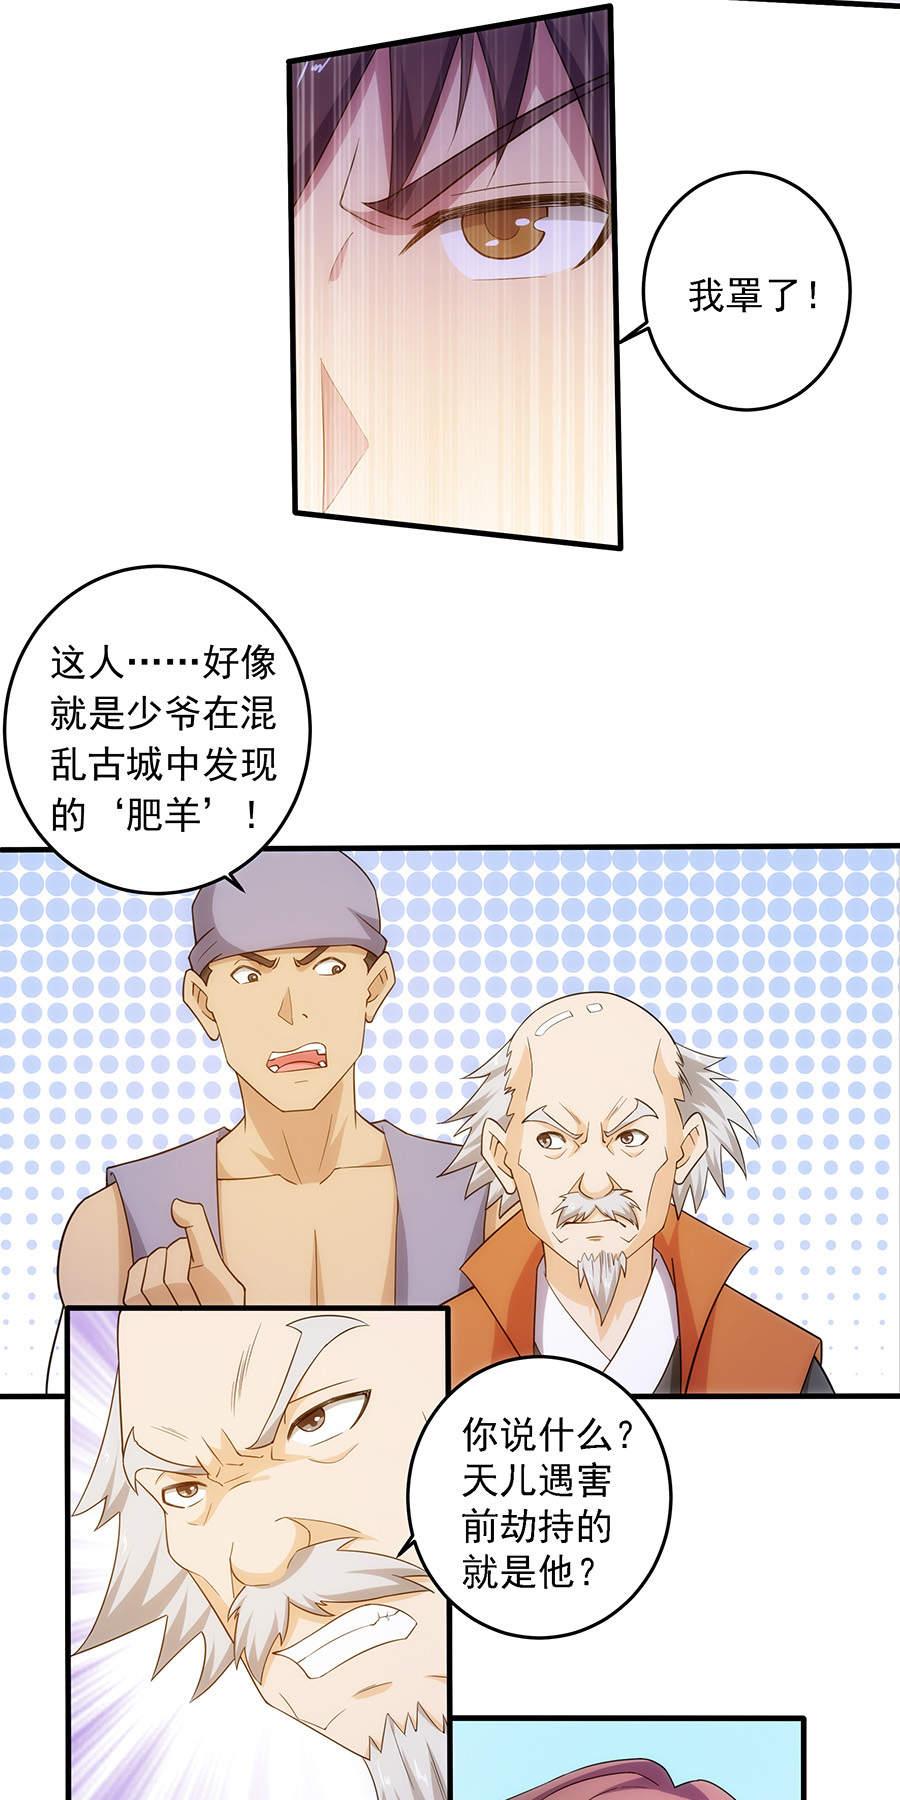 绝世剑神第31话  暴打黑鹰 第 10